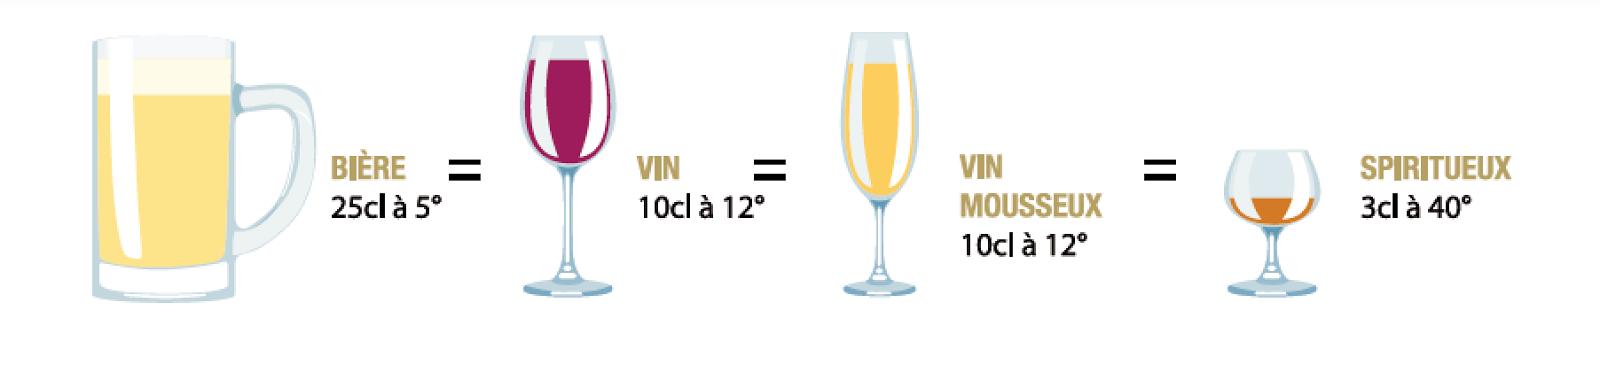 Spiritueux Magazine Spiritueux Magazine Calculer La Dose Bar D Un Alcool Au Regard Du Respect Du Nombre D Unites D Alcool Legale En France